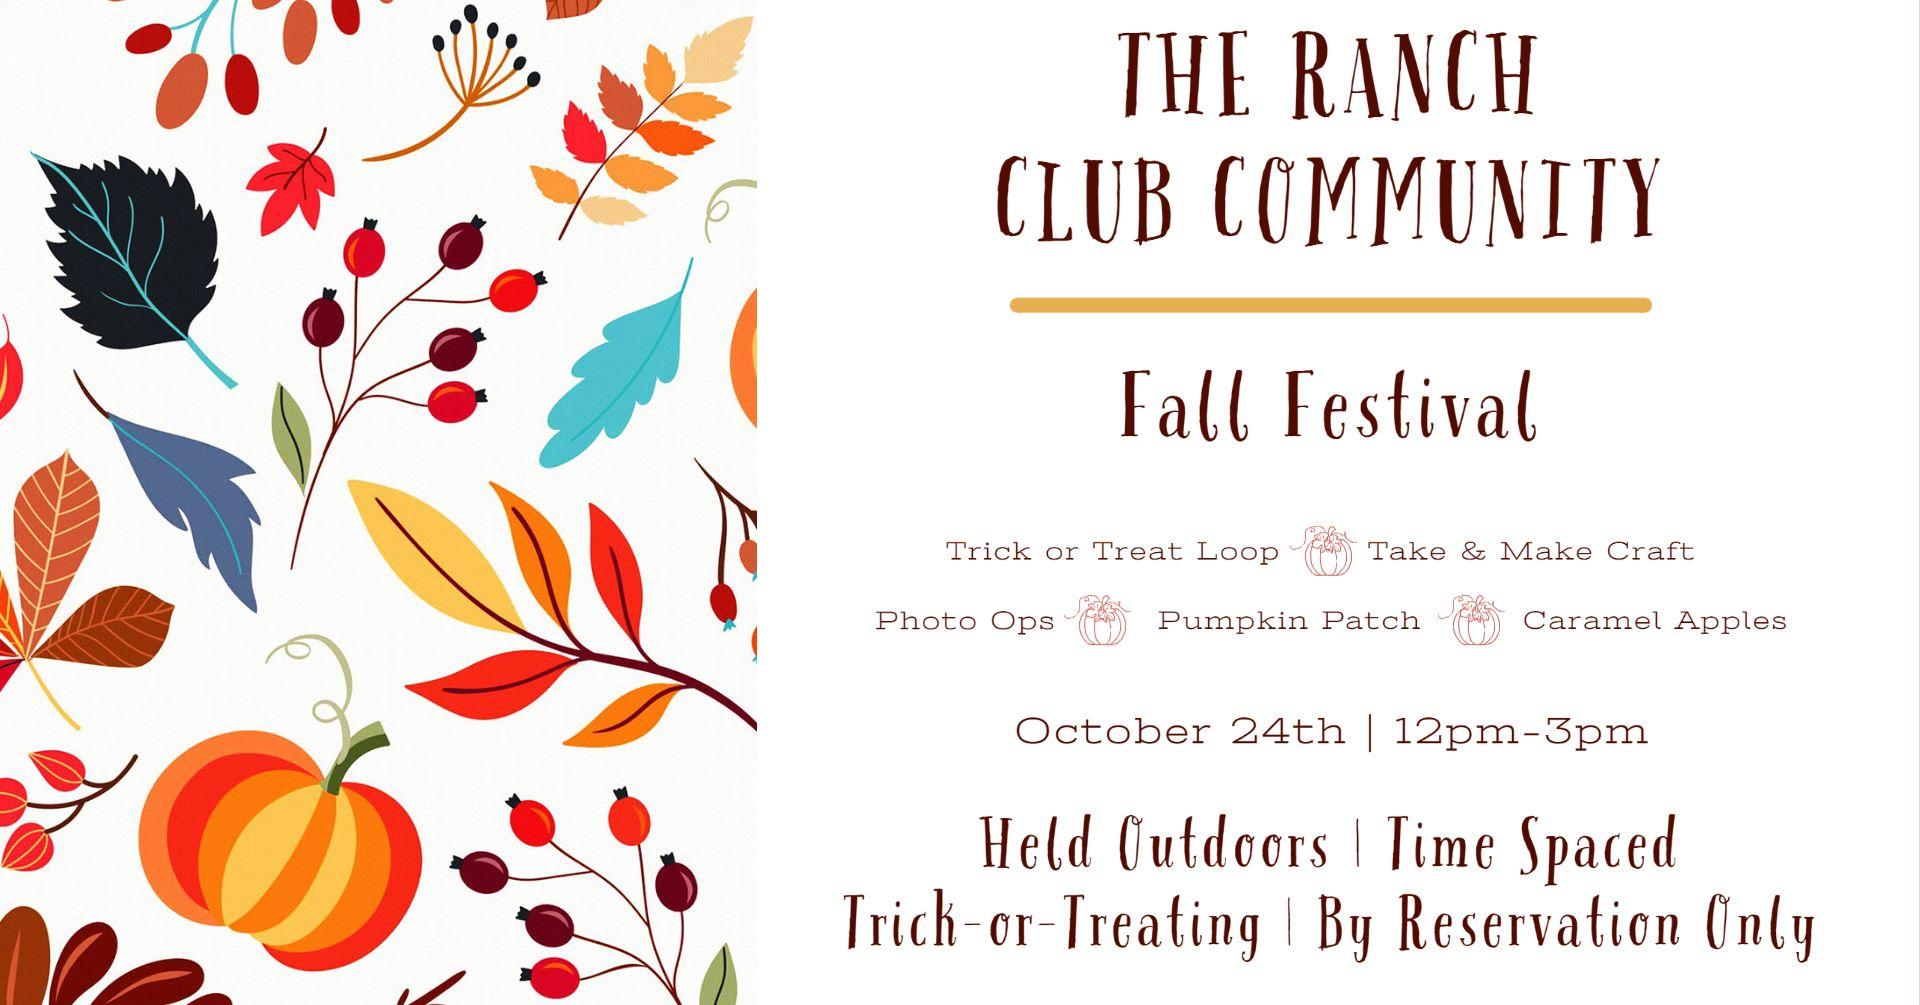 The Ranch Club Community Fall Festival